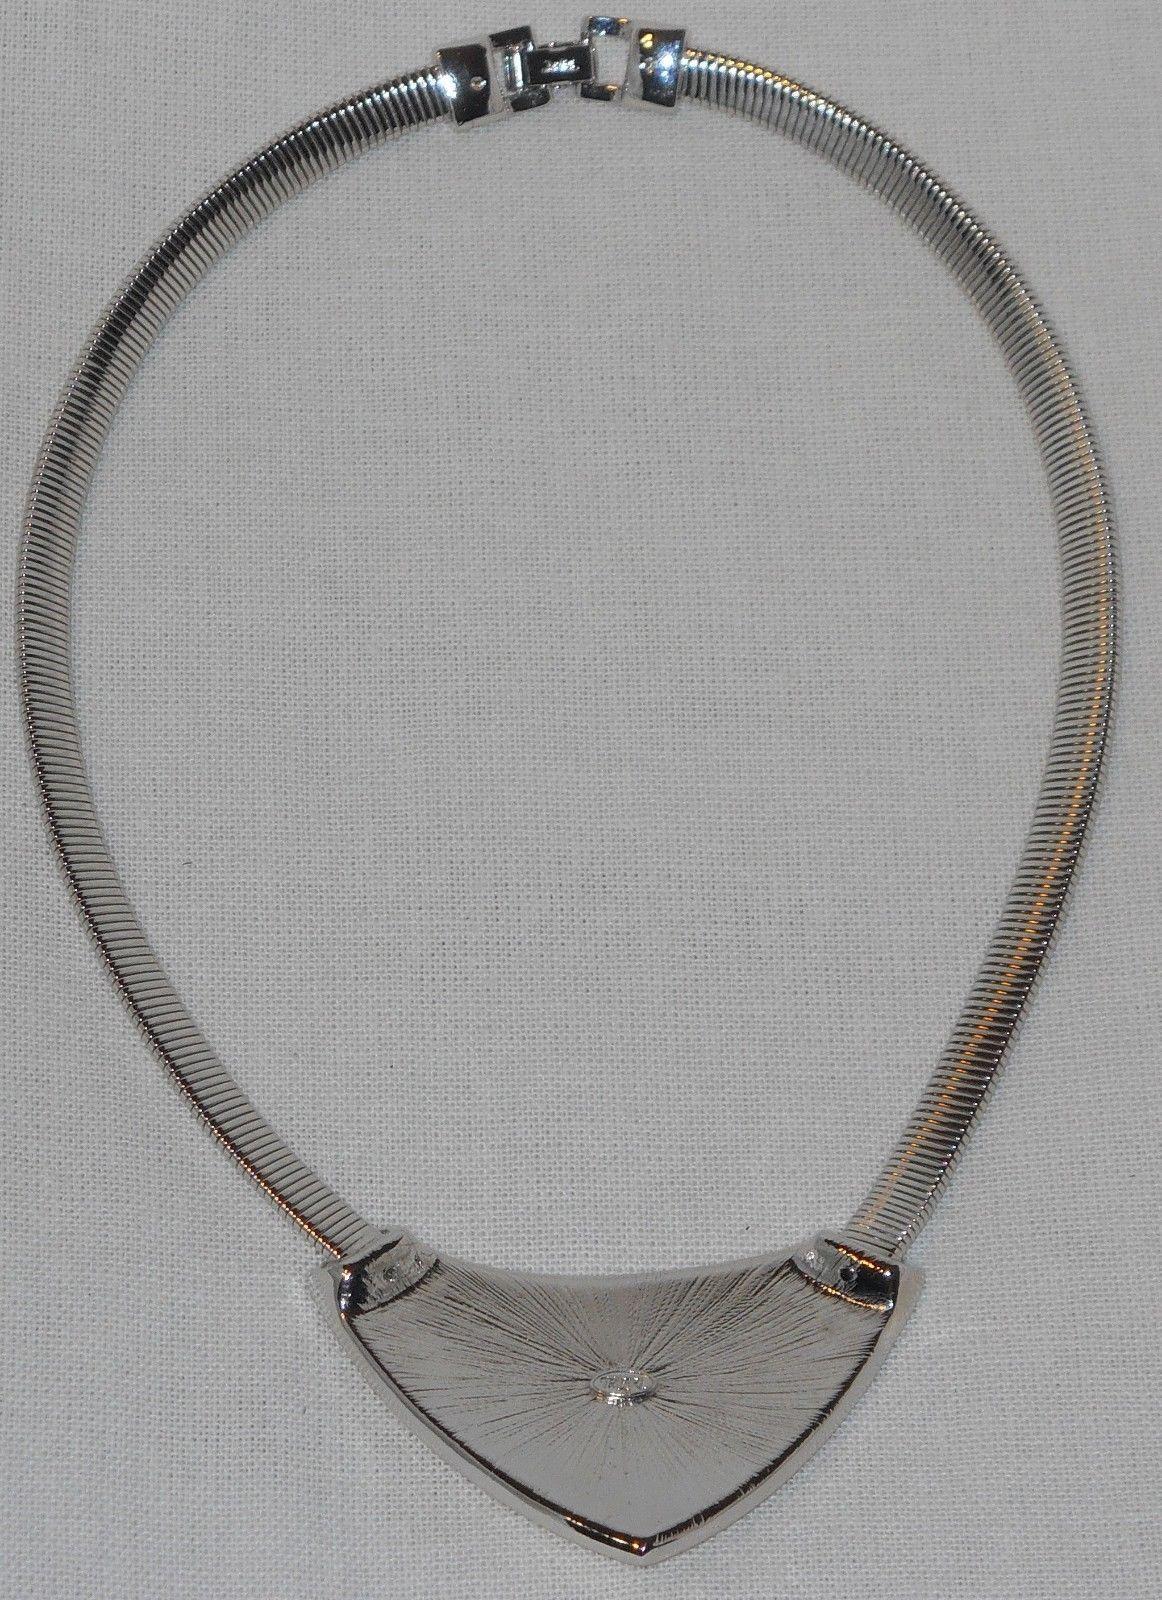 Vintage Trifari Art Deco Cream and Silver Bib Choker Necklace (18 in)